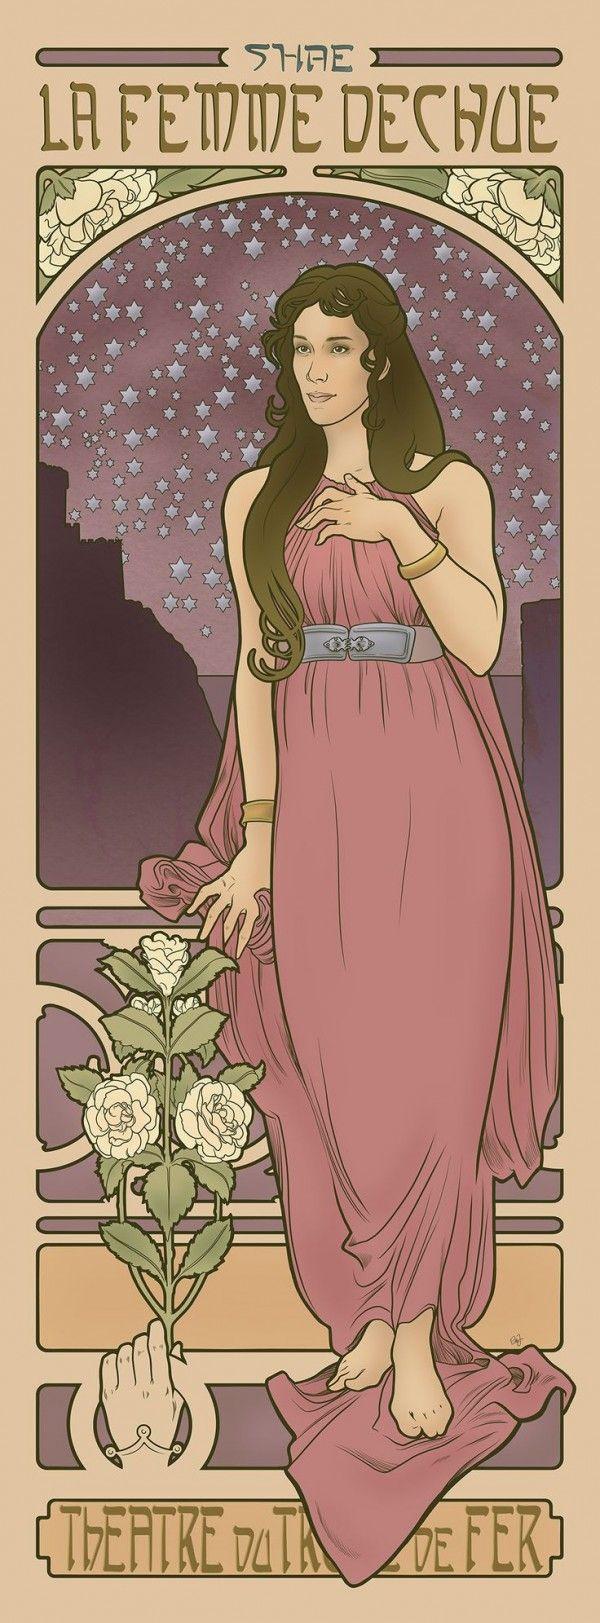 Les filles de Game of Thrones dans le style Art Nouveau